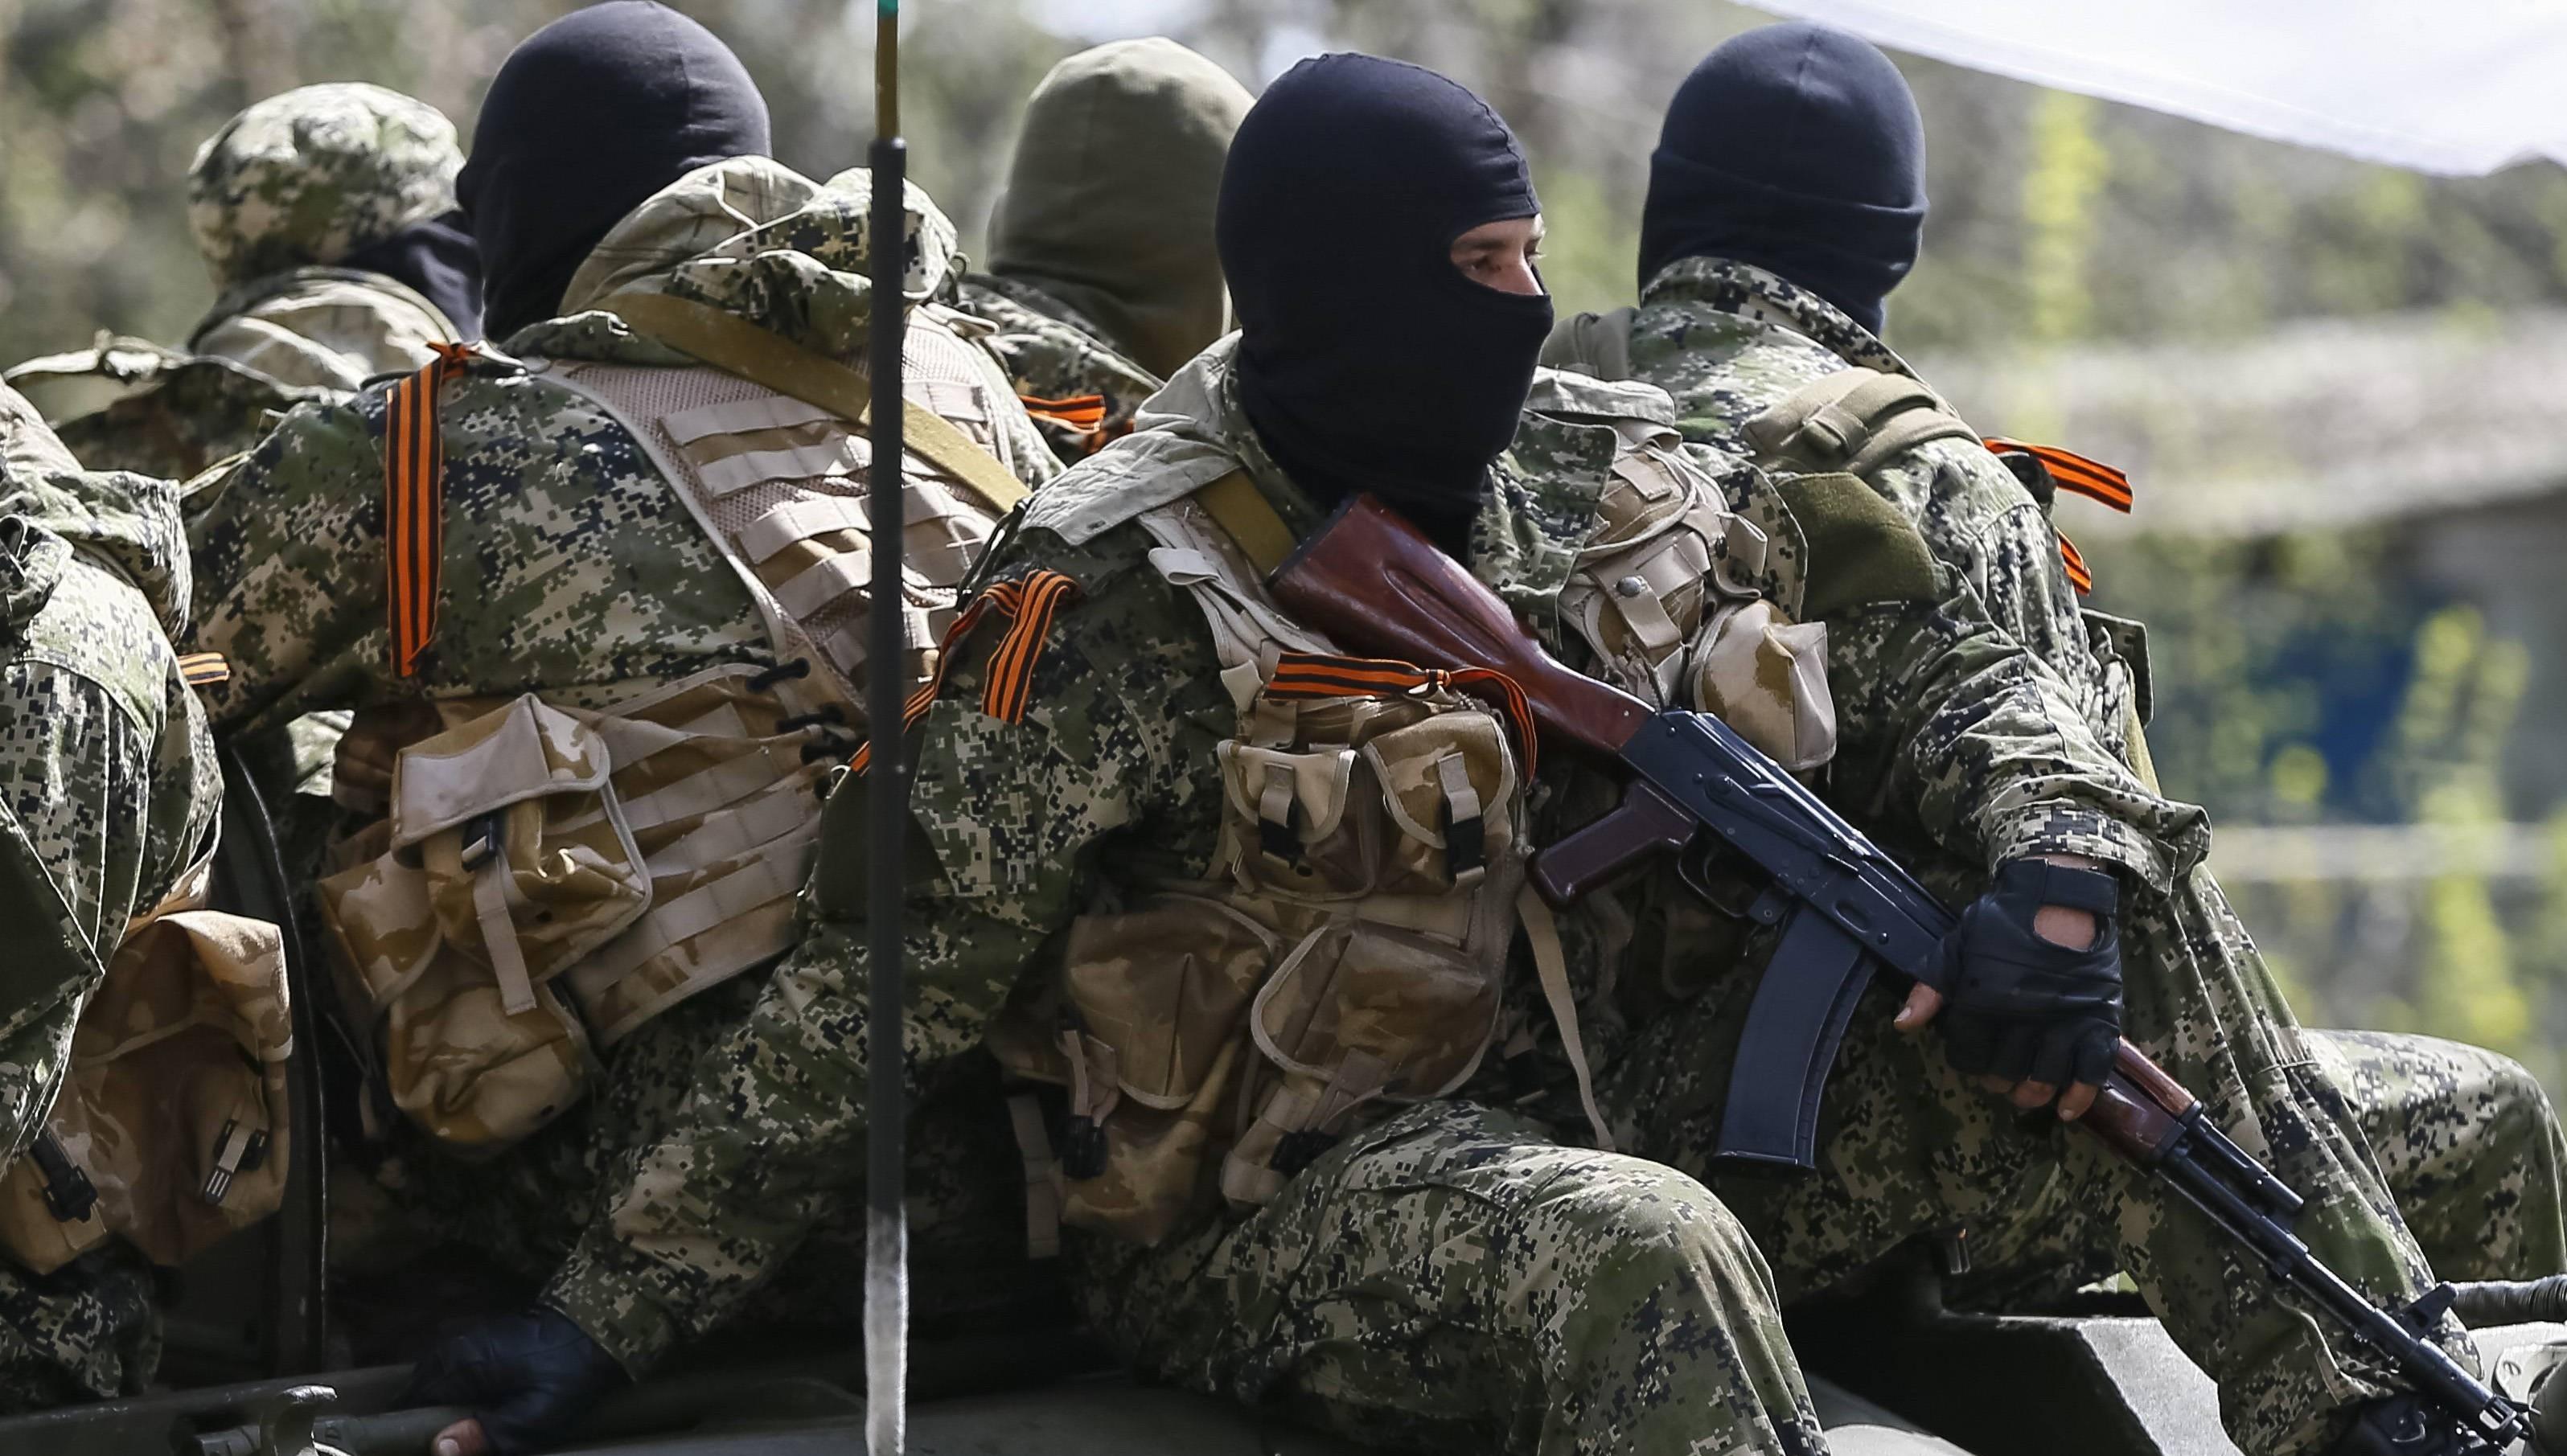 Данные разведки повергают в ужас: командир террористов в Донбассе приказал расстрелять подчиненных, которые требовали зарплату